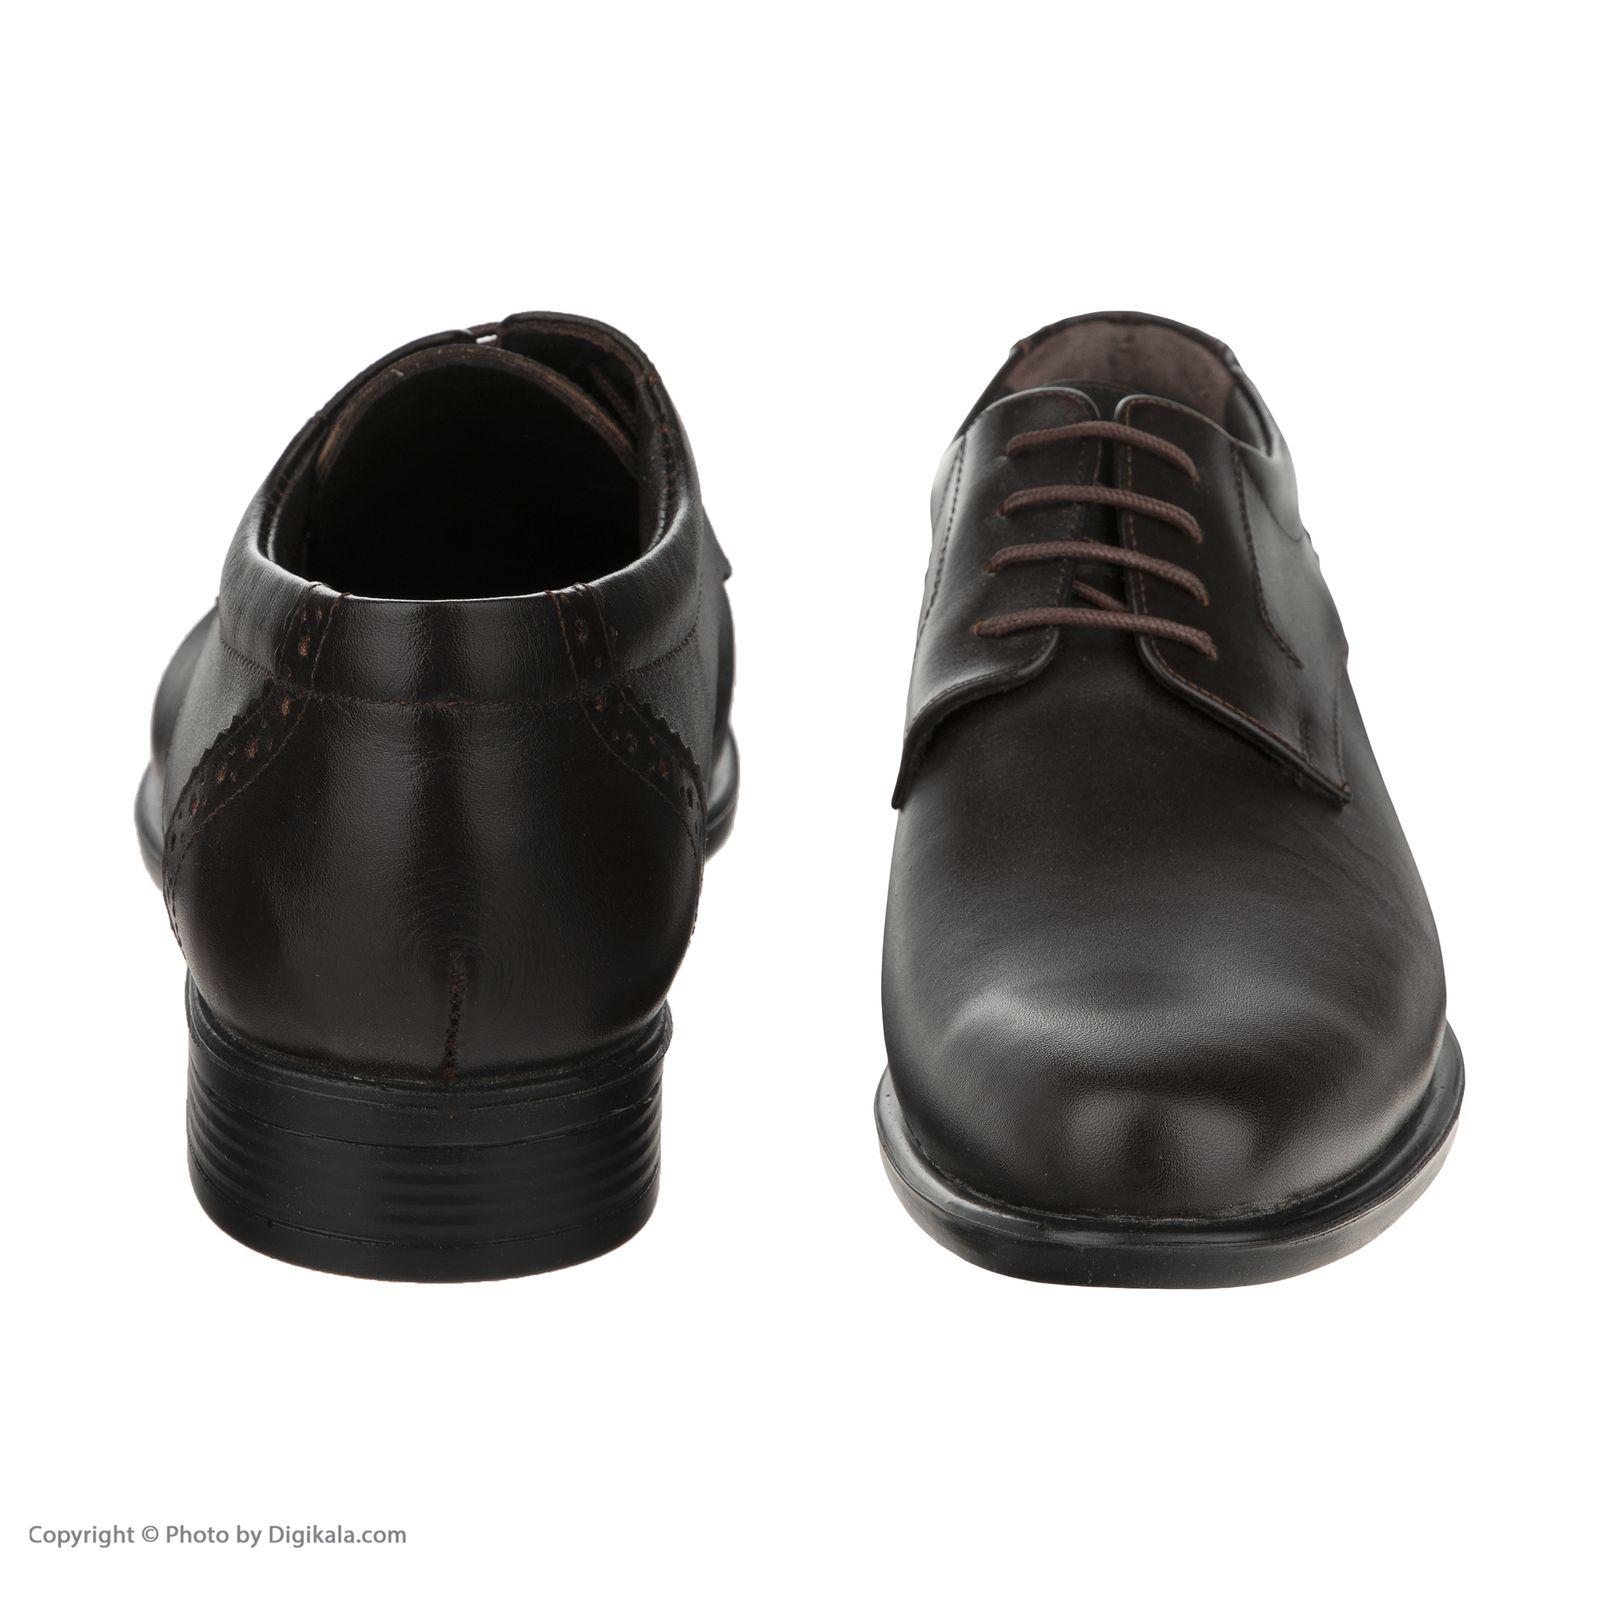 کفش مردانه بلوط مدل 7297A503104 -  - 5